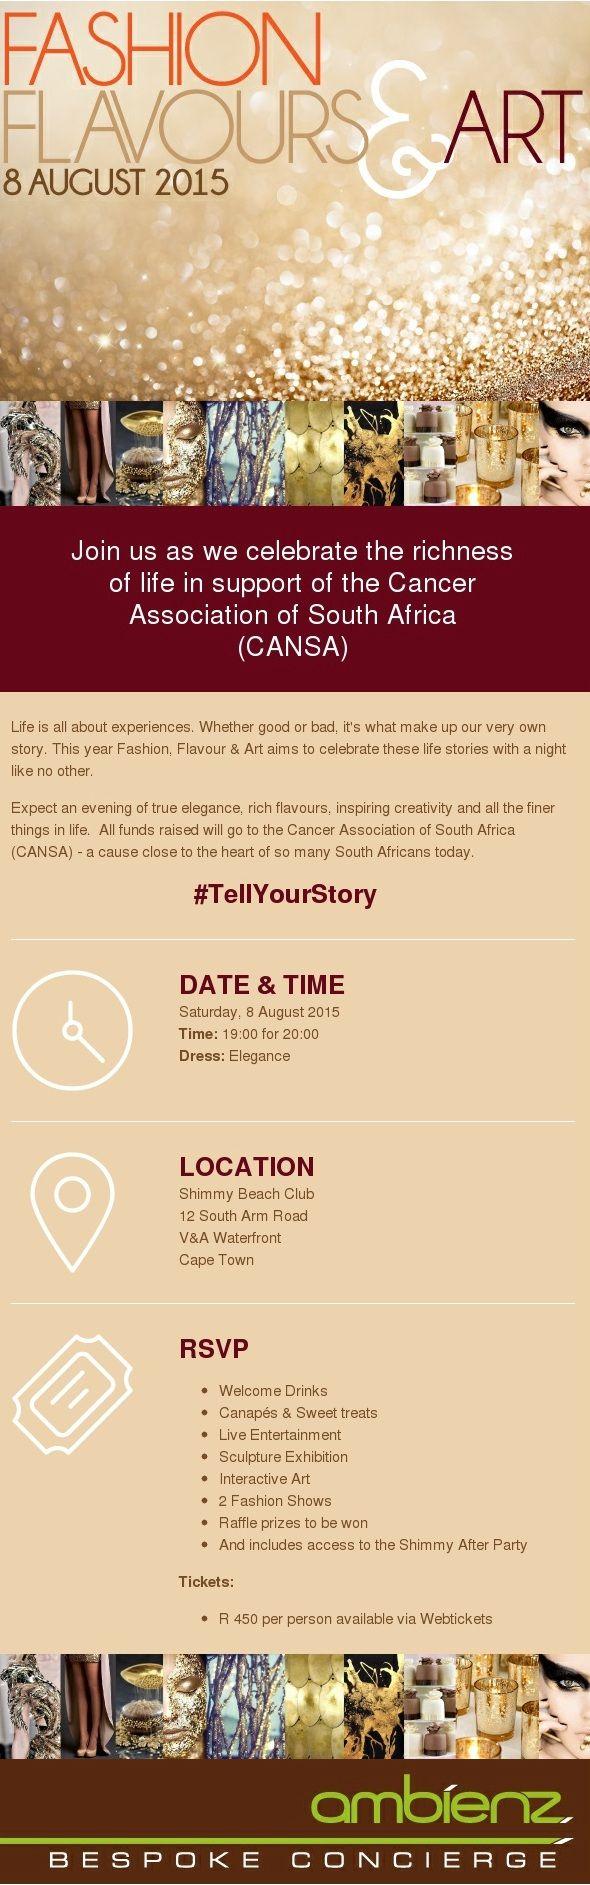 FF&A 2015 - General Invite